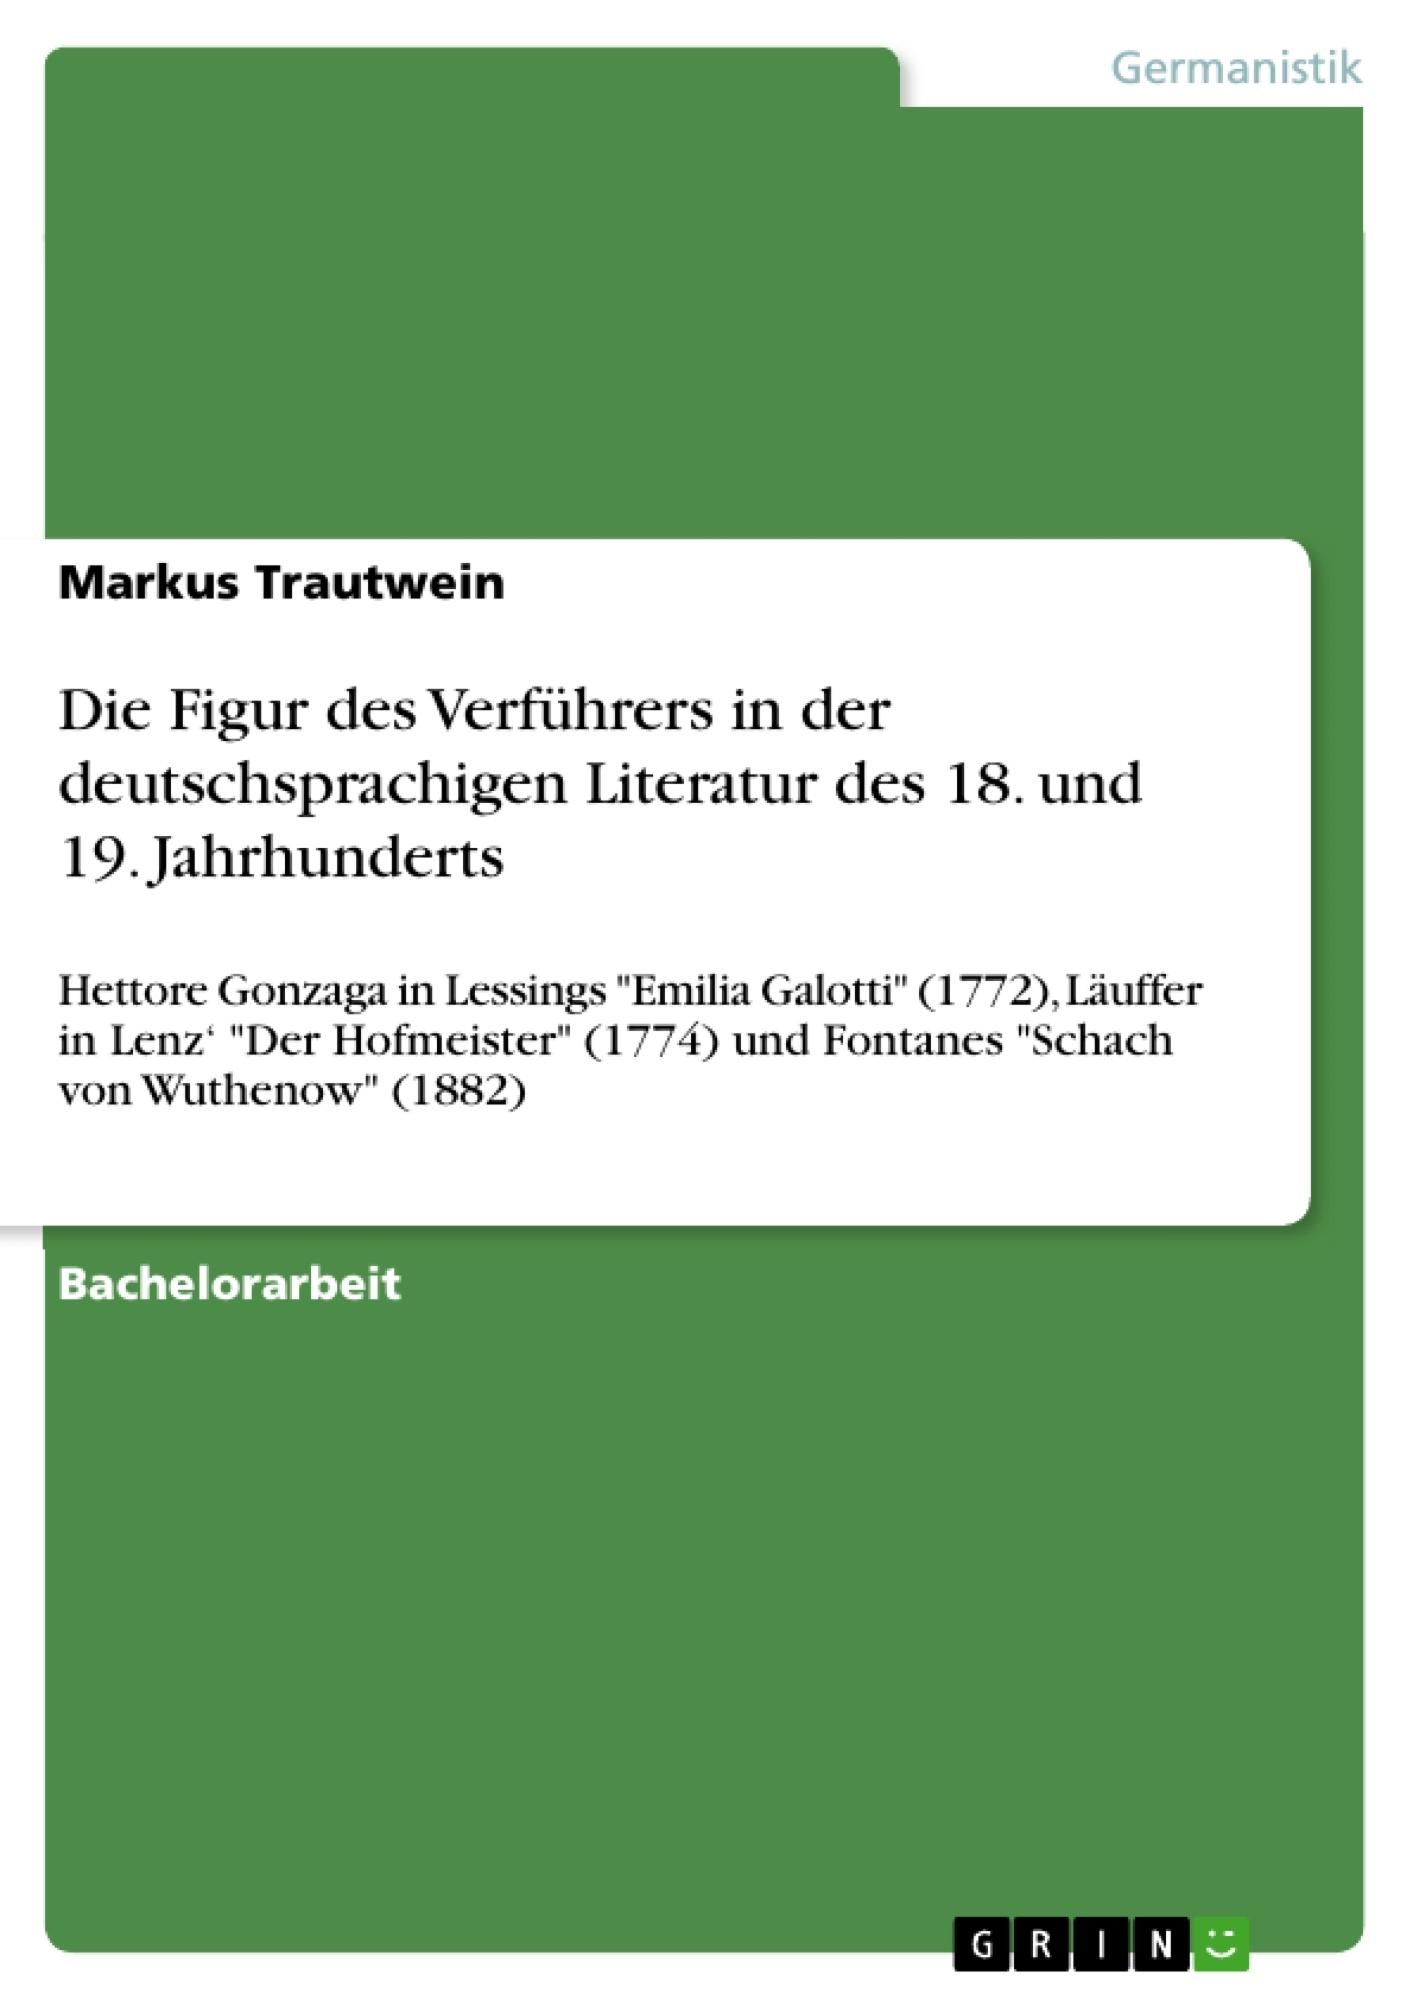 Titel: Die Figur des Verführers in der deutschsprachigen Literatur des 18. und 19. Jahrhunderts